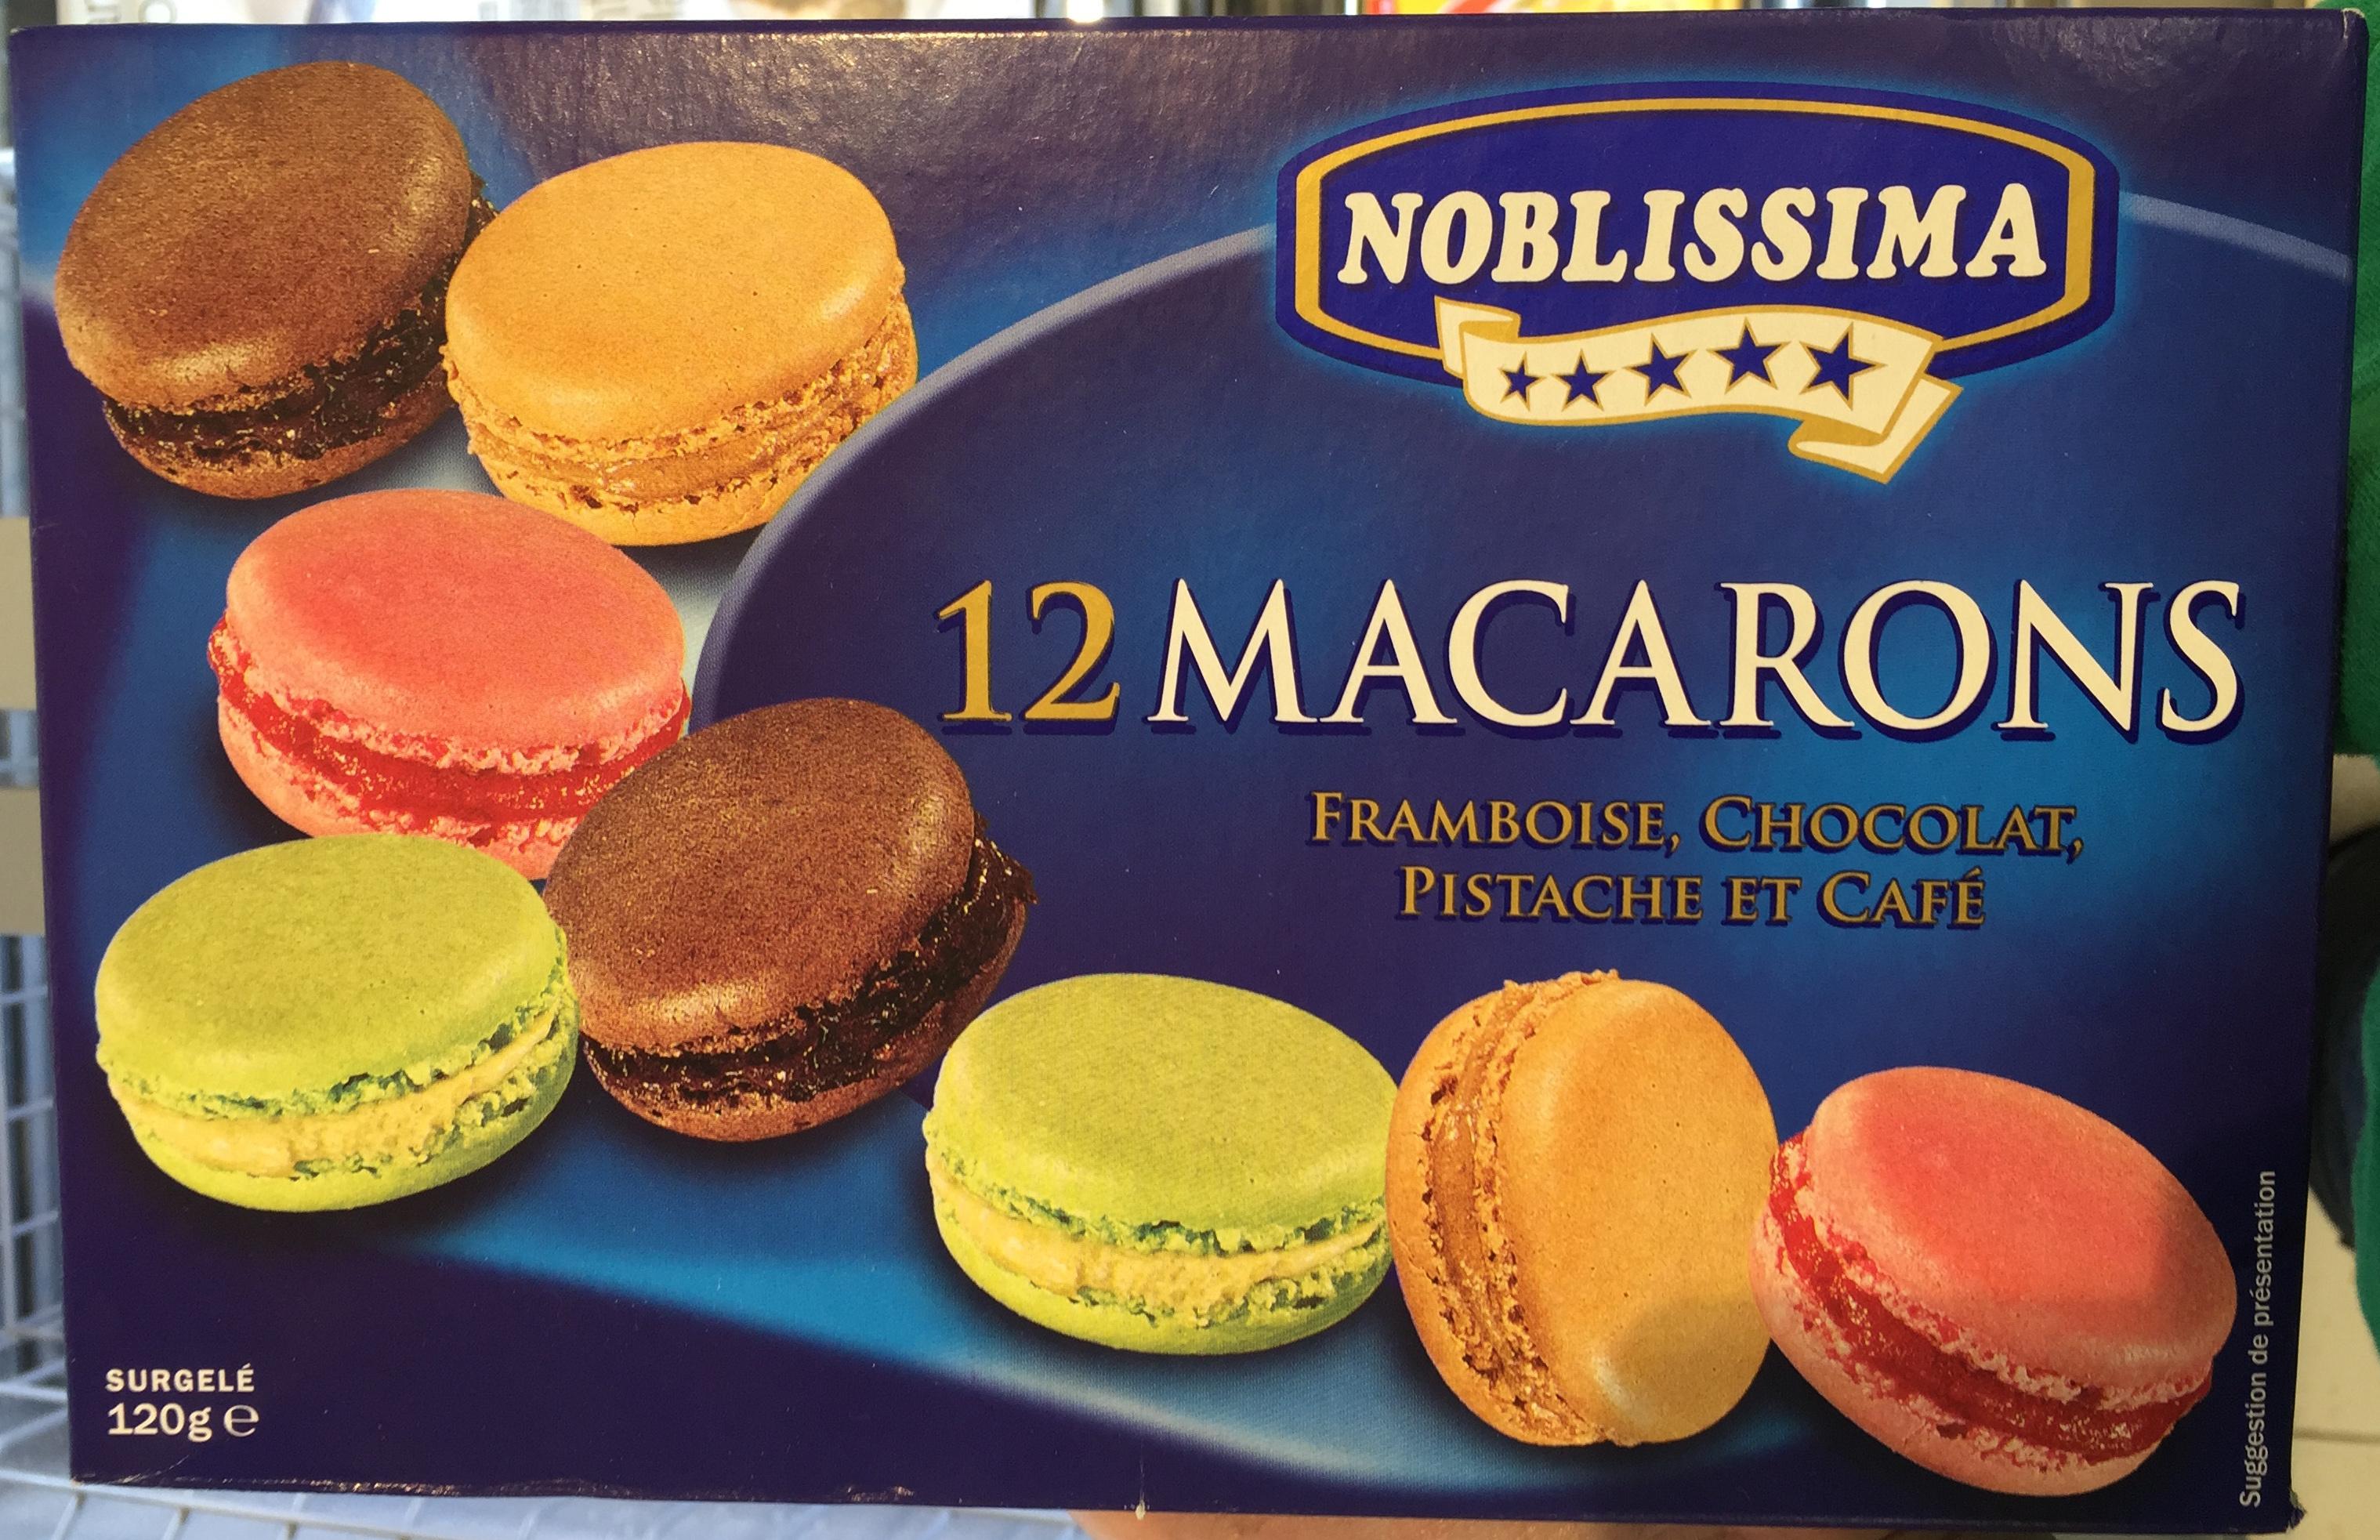 12 macarons Framboise, Chocolat, Pistache et Café - Product